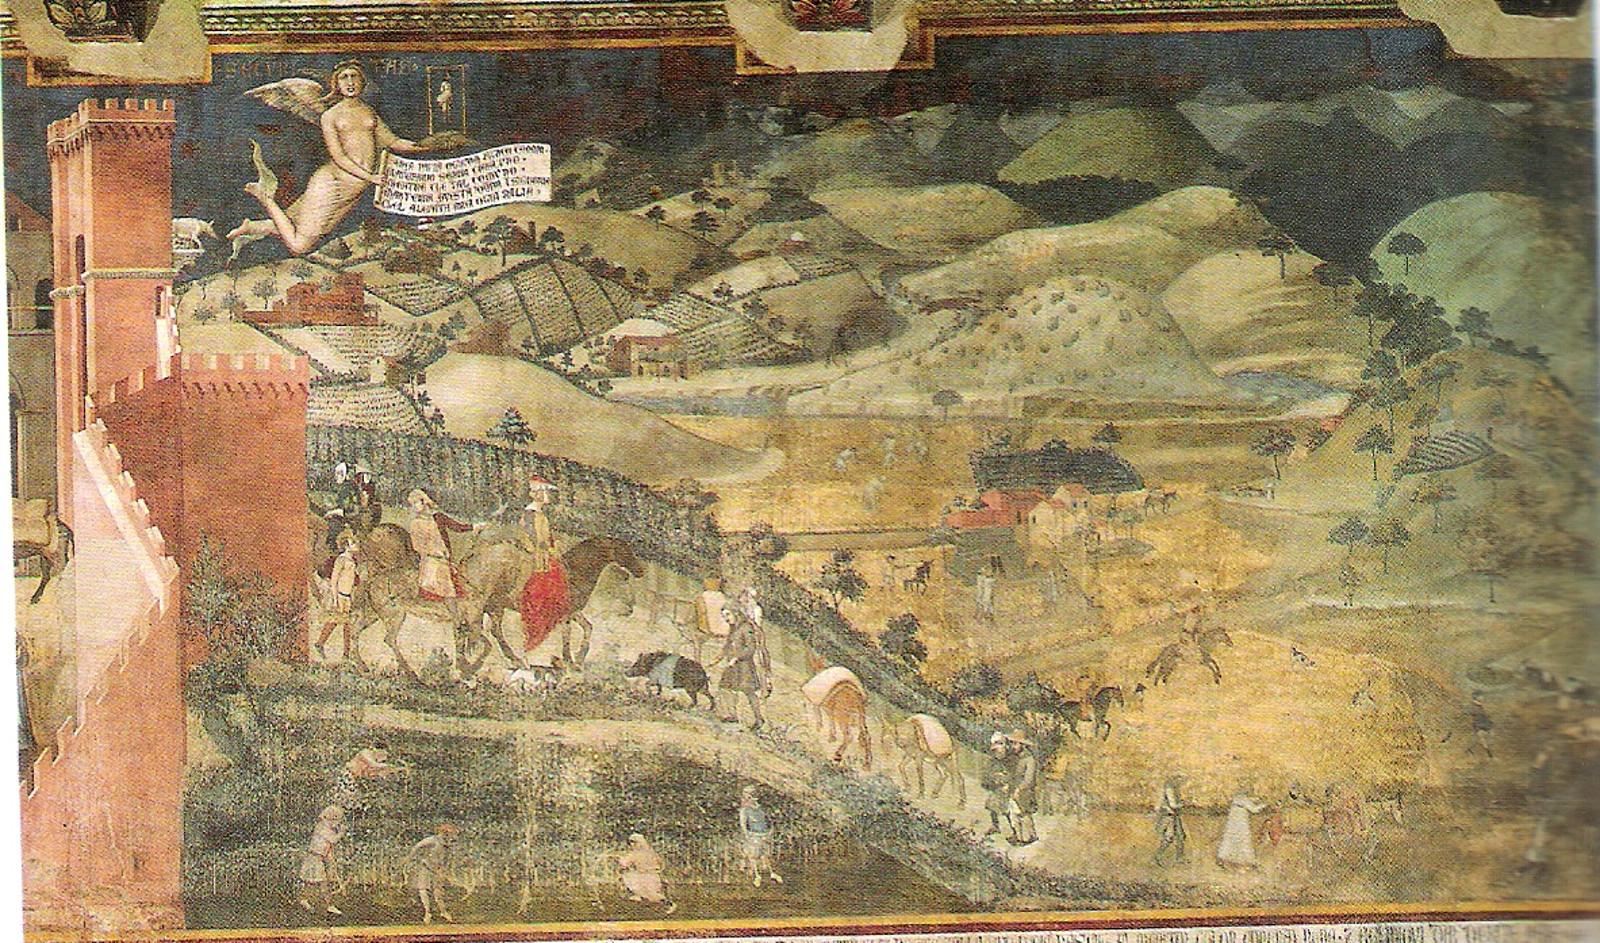 Particolare del Buongoverno (palazzo pubblico di Siena), la campagna